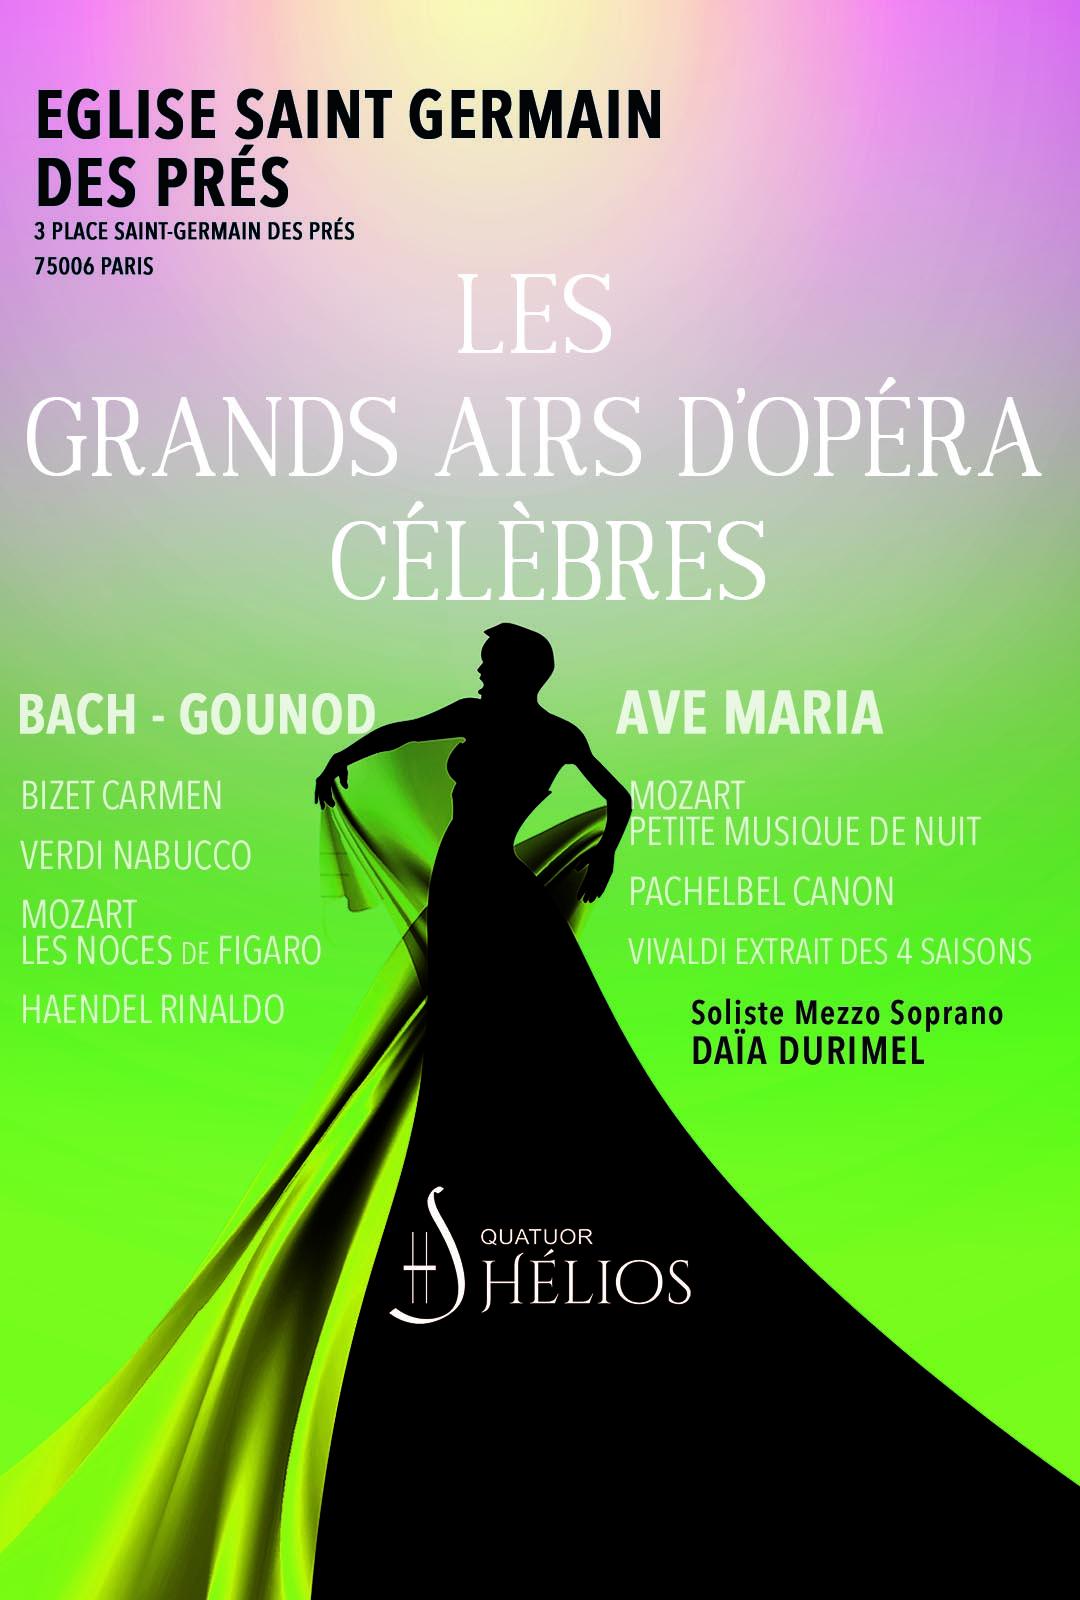 Les Grands Airs d'Opéra pour Mezzo Eglise Saint Germain des Prés Paris